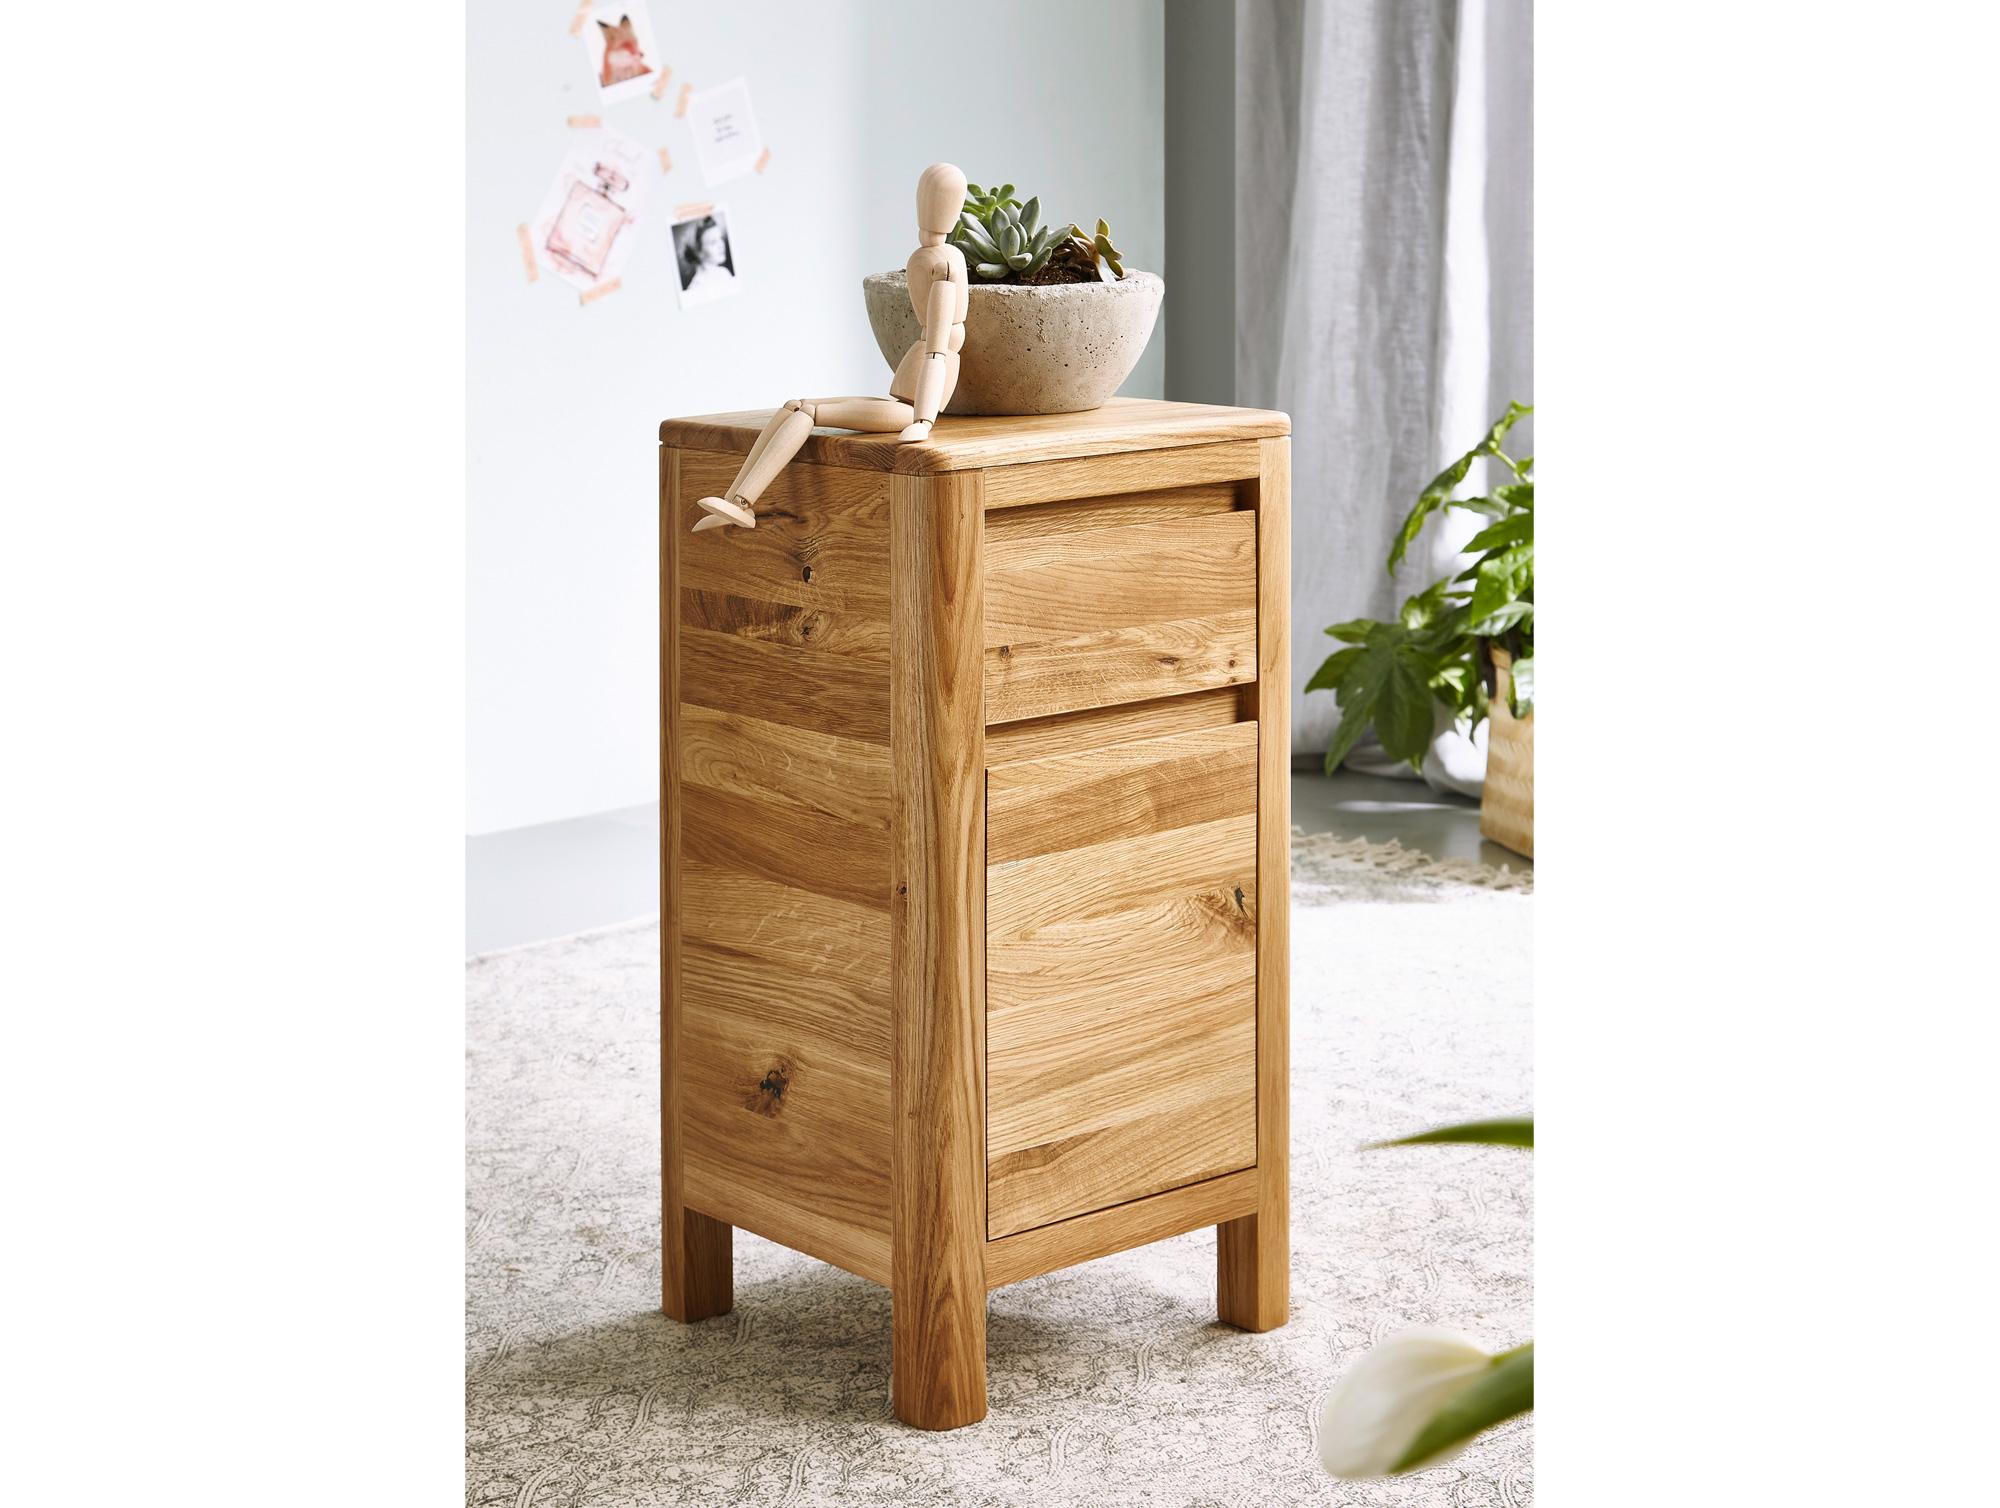 truhe wildeiche free blumentisch cm vollholz schublade quadratisch wildeiche massiv gelt u bild. Black Bedroom Furniture Sets. Home Design Ideas